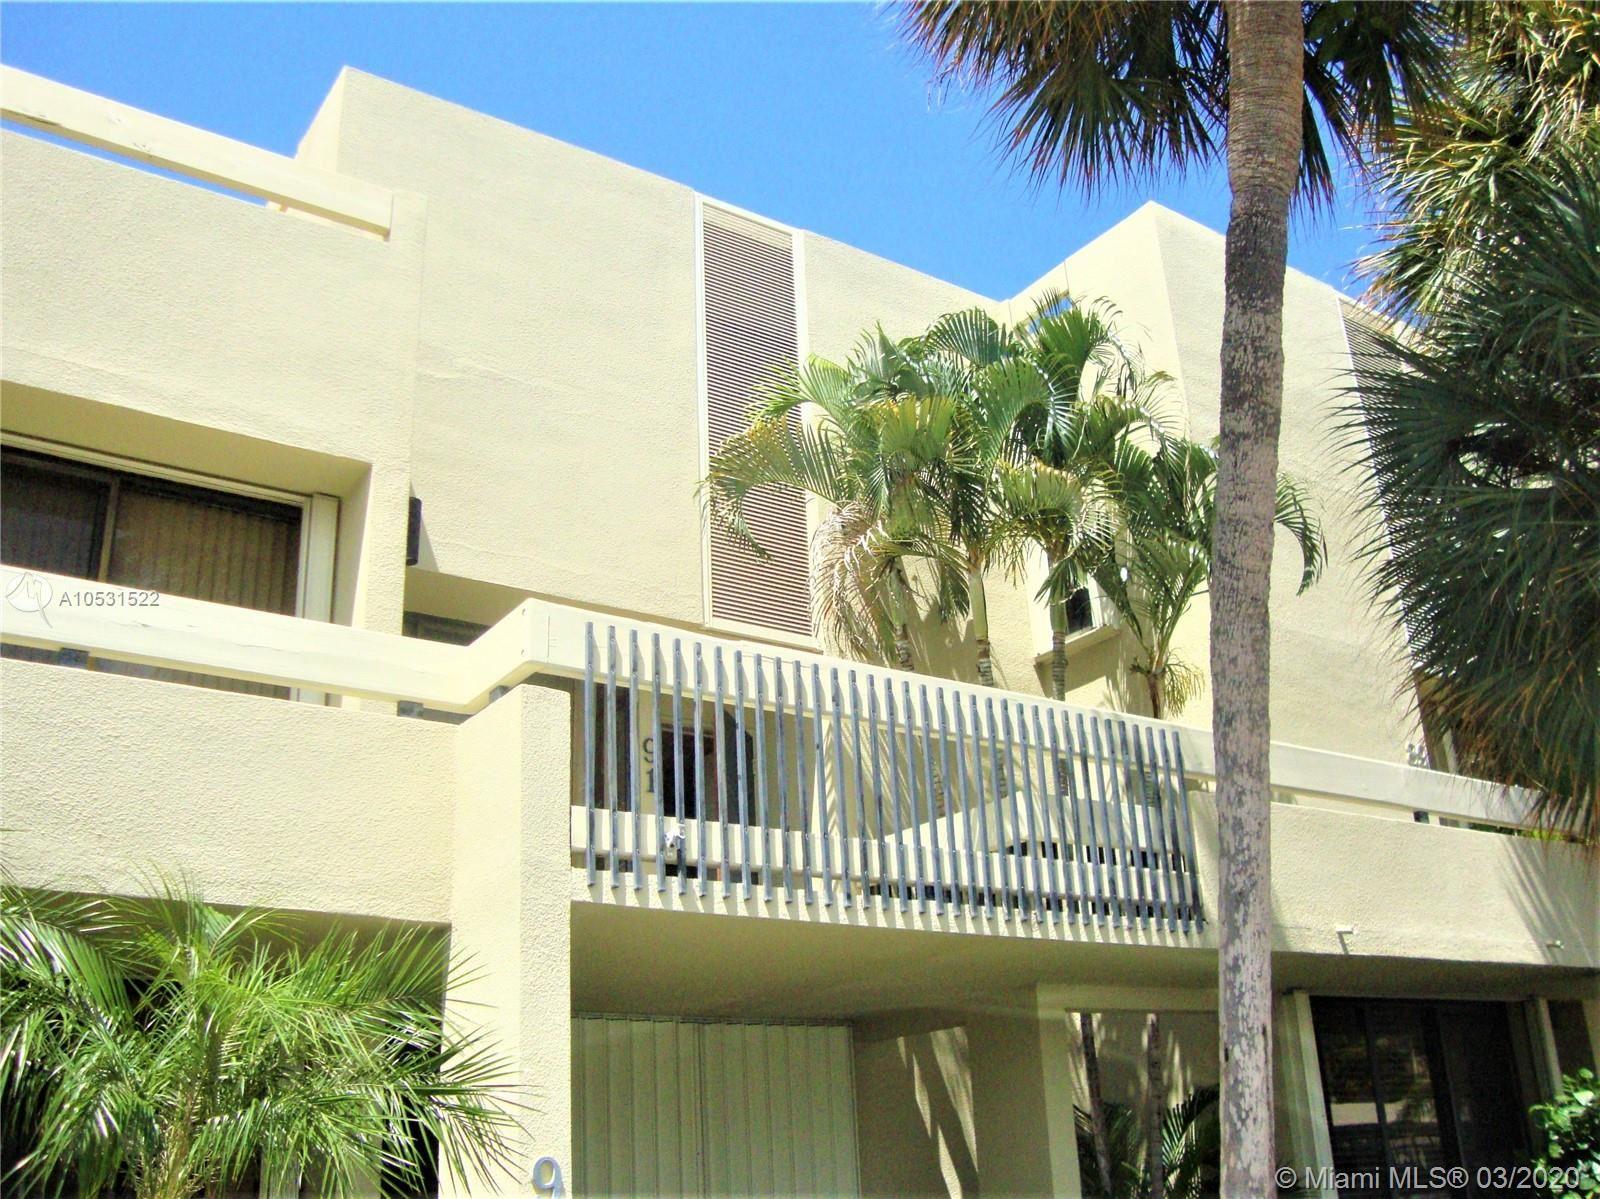 1100 SE 5th Ct #91, Pompano Beach, FL 33060 - MLS#: A10531522